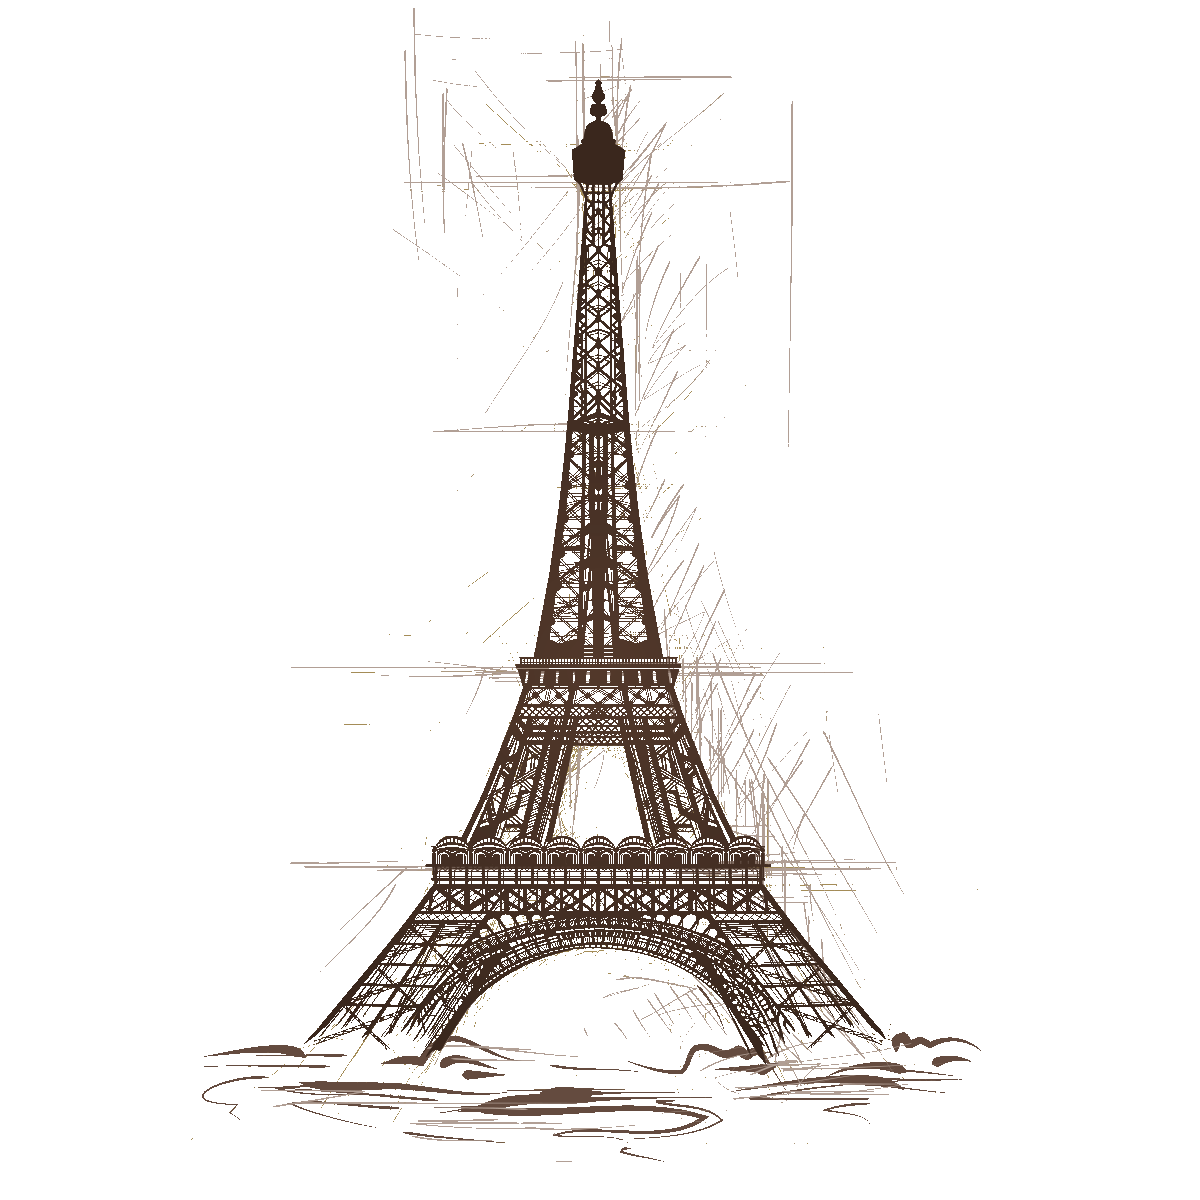 Stickers muraux design - Sticker tour Eiffel design dessin -  ambiance-sticker.com ae42863c59baa